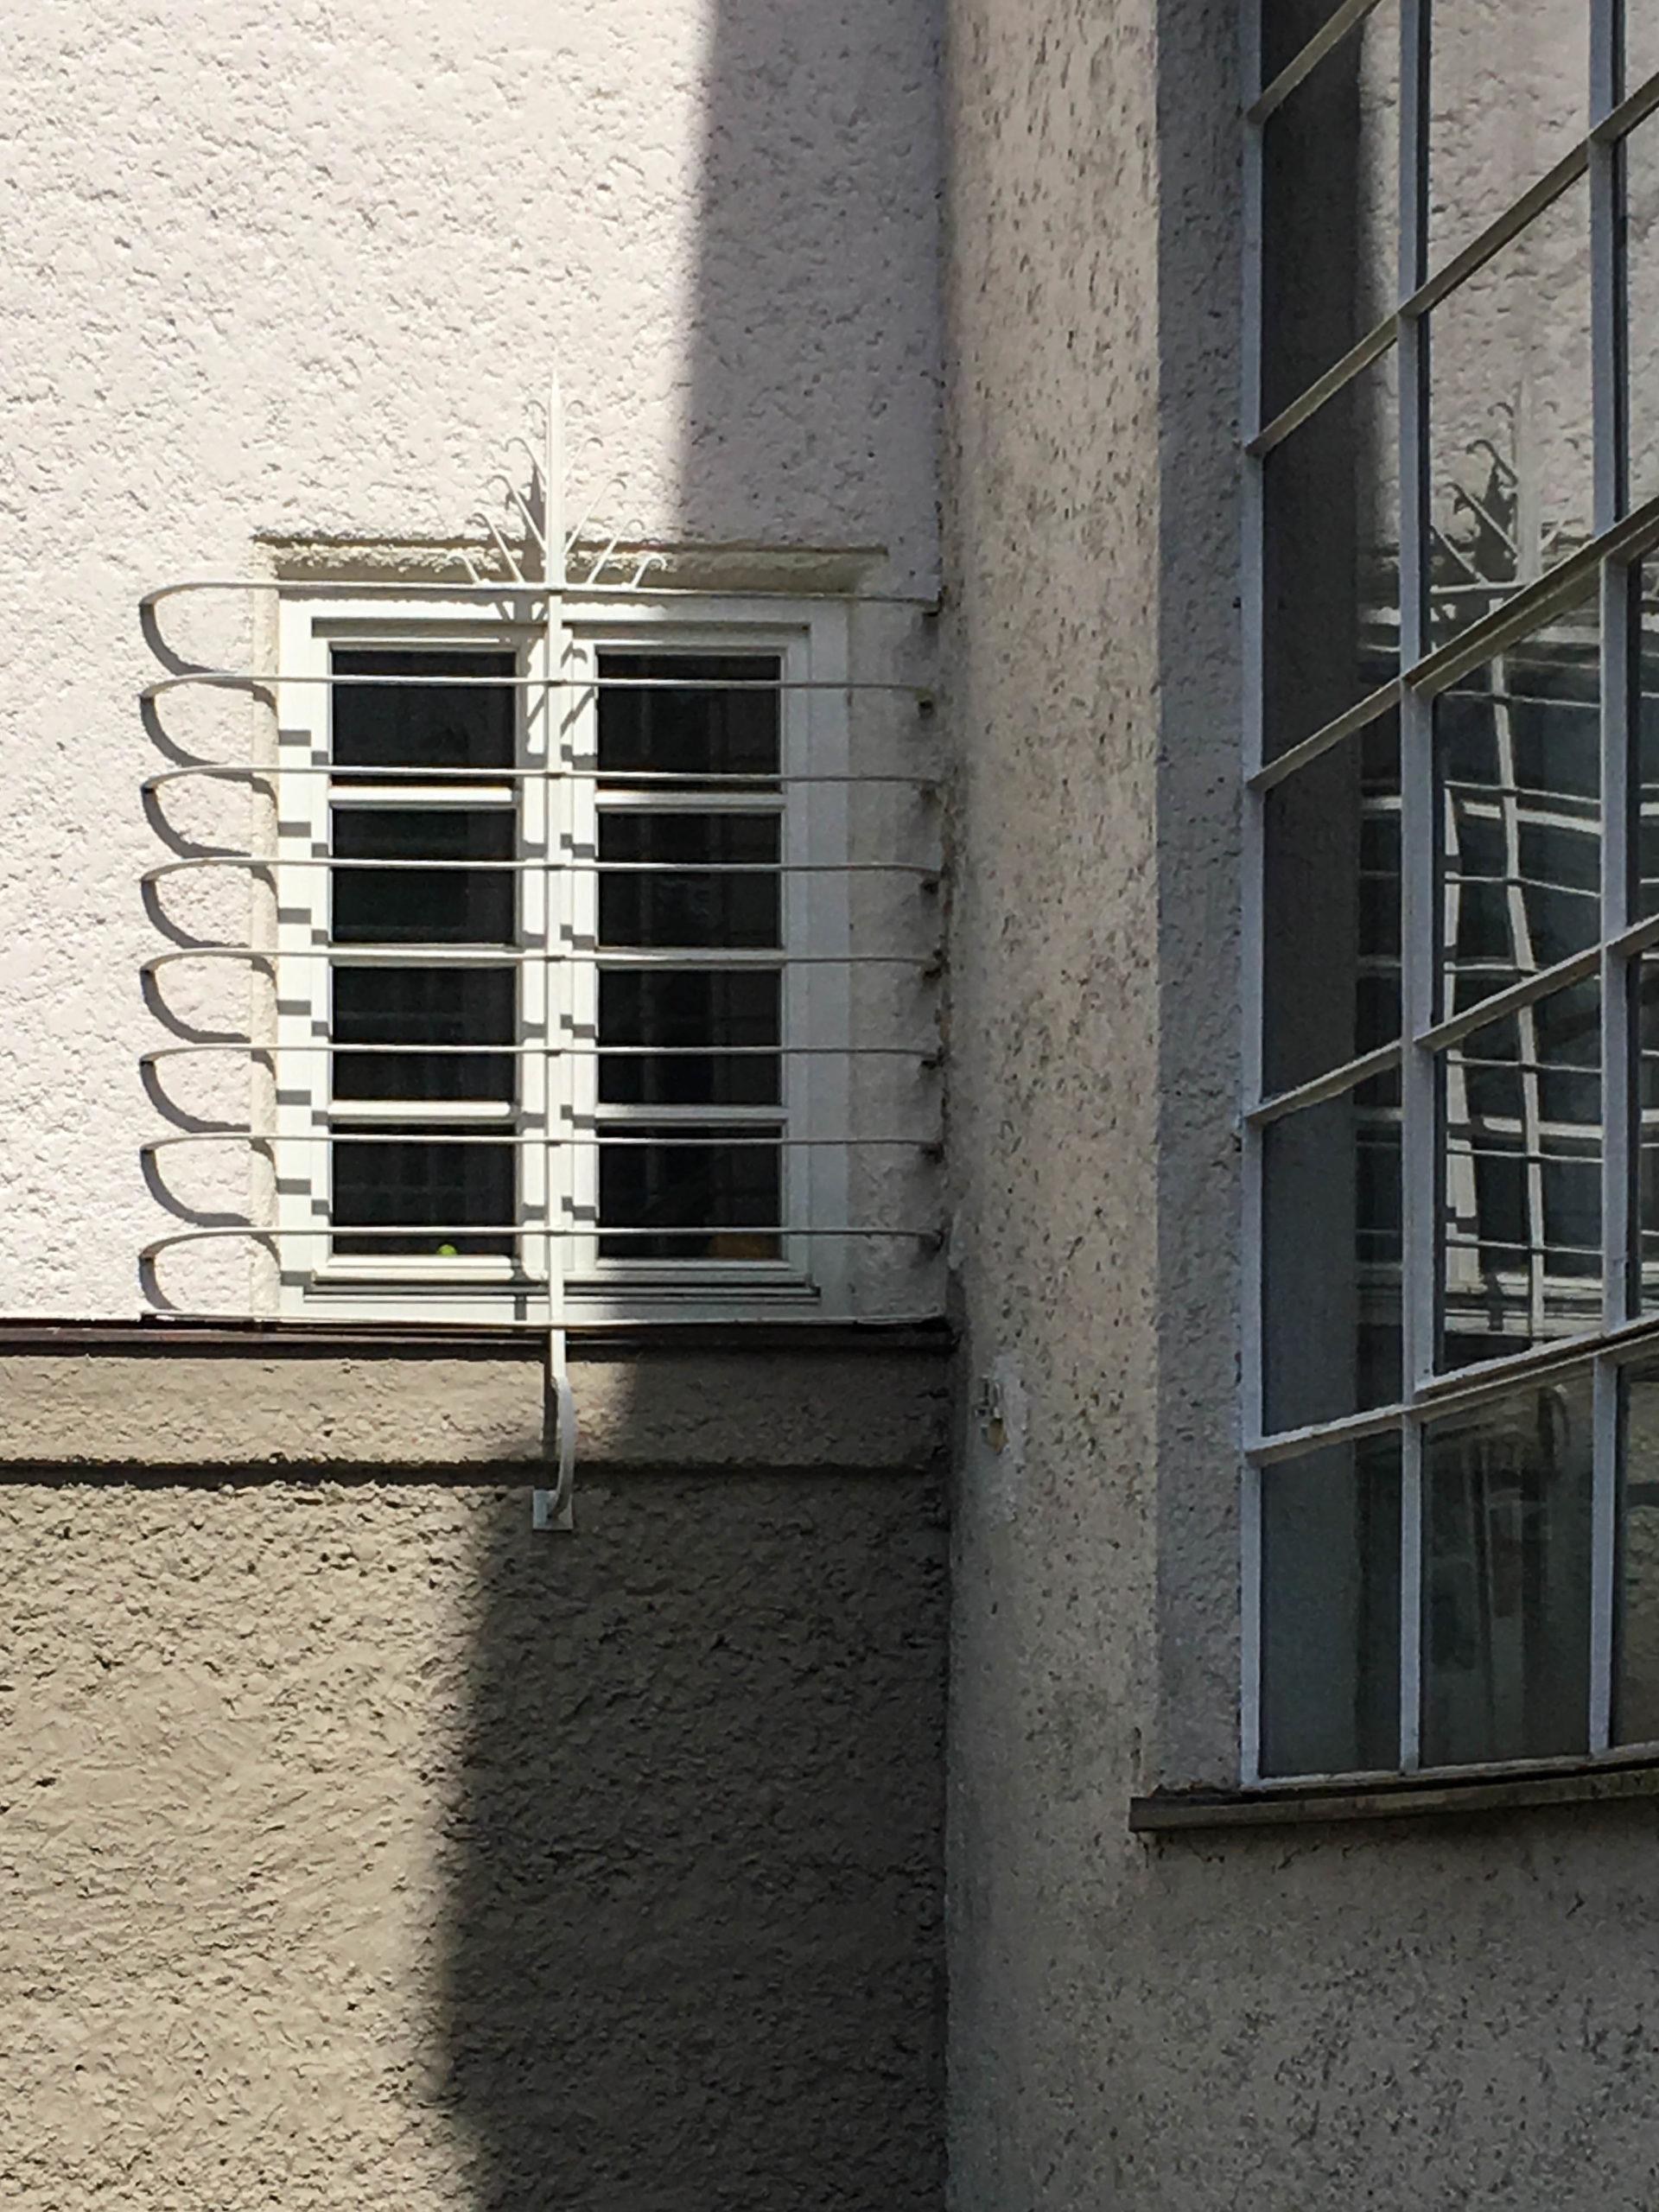 Künstlerhof, 1929-1930. Architekt: Uli Seeck